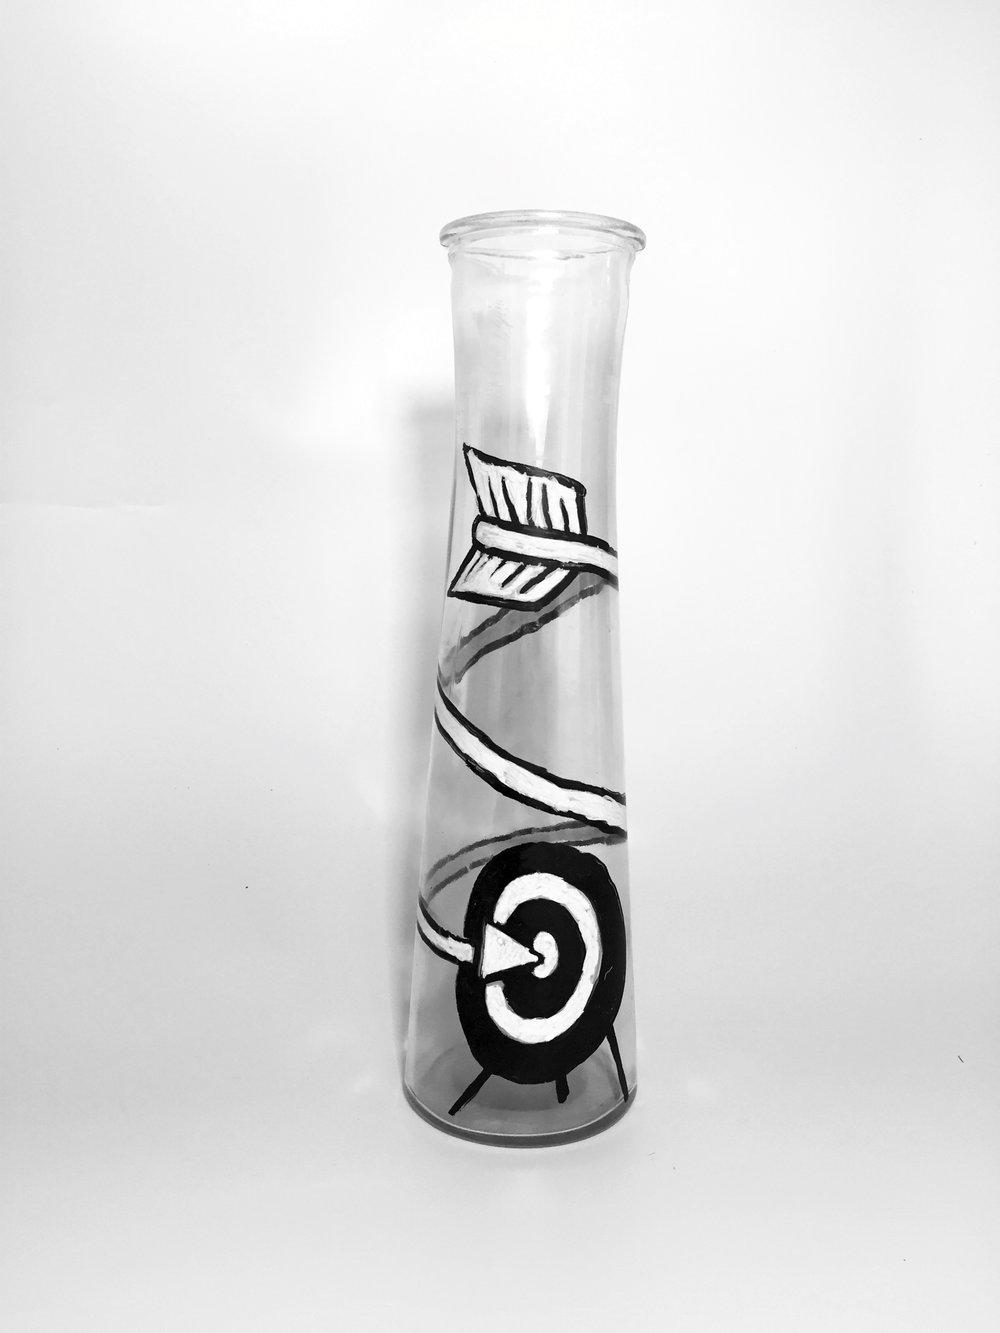 Winding Arrow (On Vase), 2016